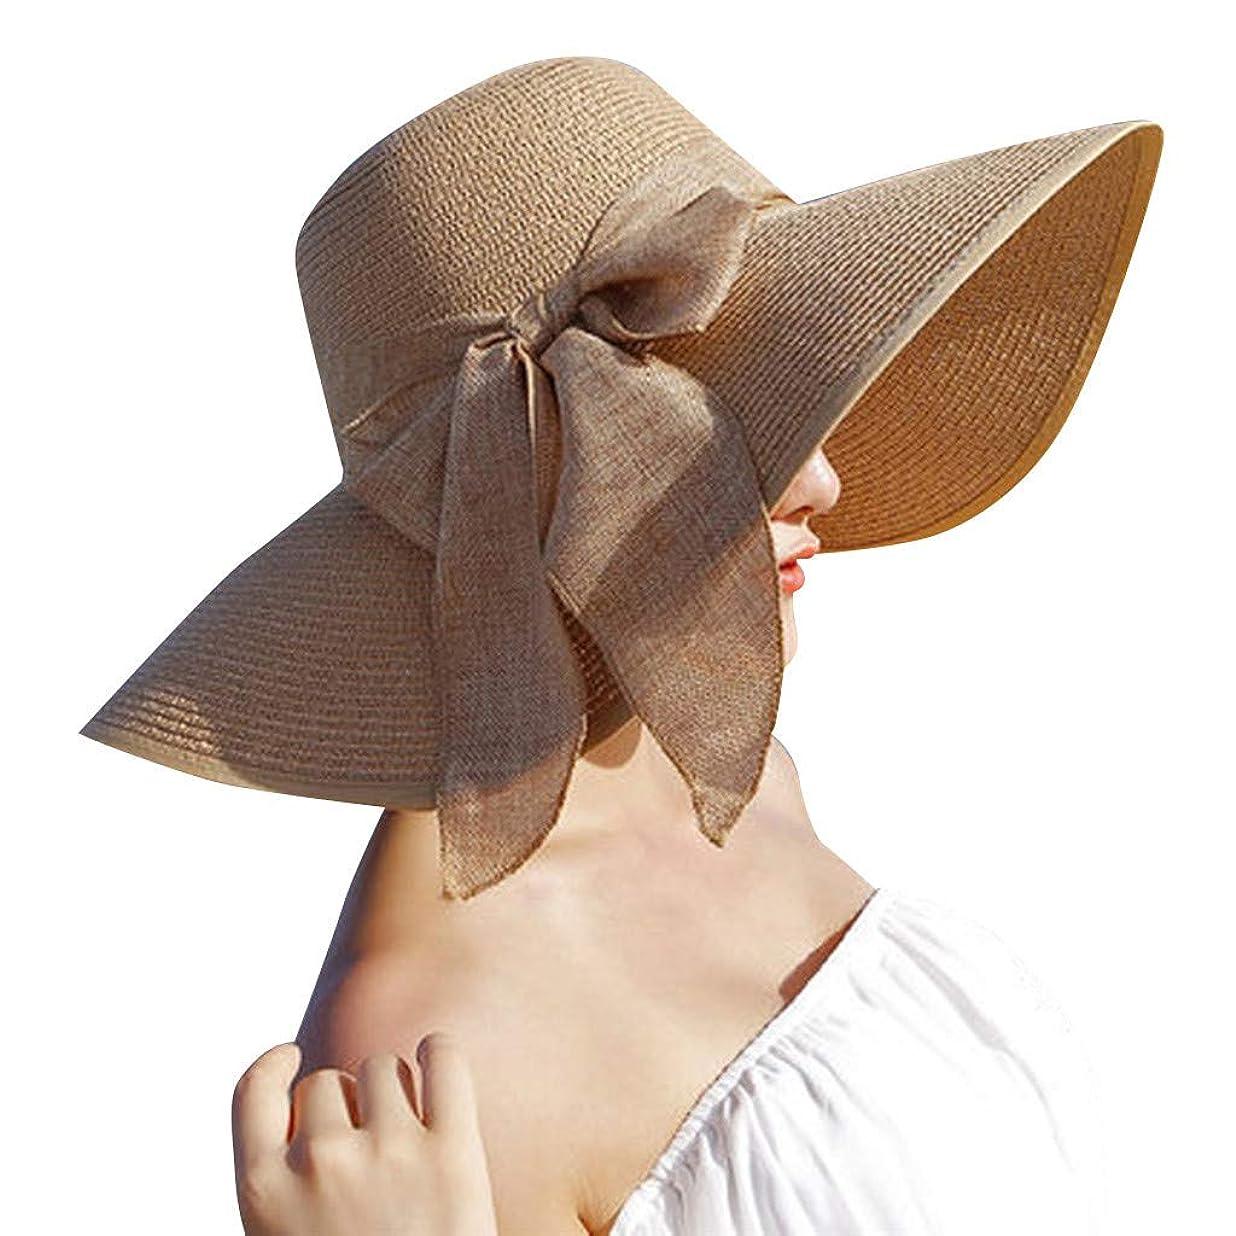 資金睡眠酸度日除け帽子 ハット レディース ビッグバイザー 日よけ 夏季 日焼け 折りたたみ つば広 紫外線100%カット UV ハット 可愛い 顔効果抜群 サンバイザー 小顔効果 春夏 お出かけ用 ビーチハット 海辺 ROSE ROMAN